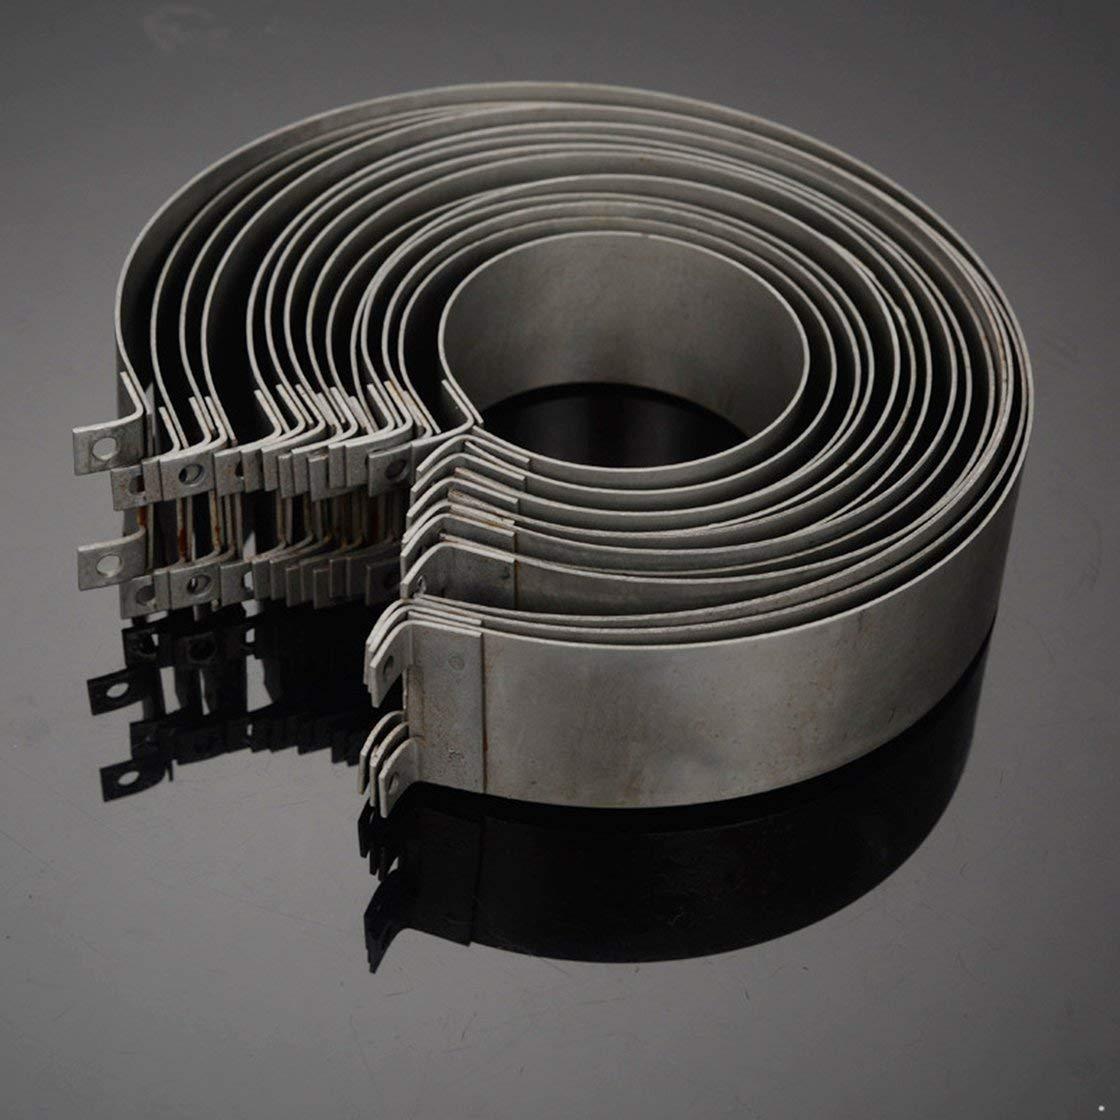 Compresor del anillo del pist/ón de 14 anillos Compresor del alicates Herramienta del motor de la asamblea del removedor Herramienta del motor Alicates del trinquete del instalador del cilindro 62-140m m